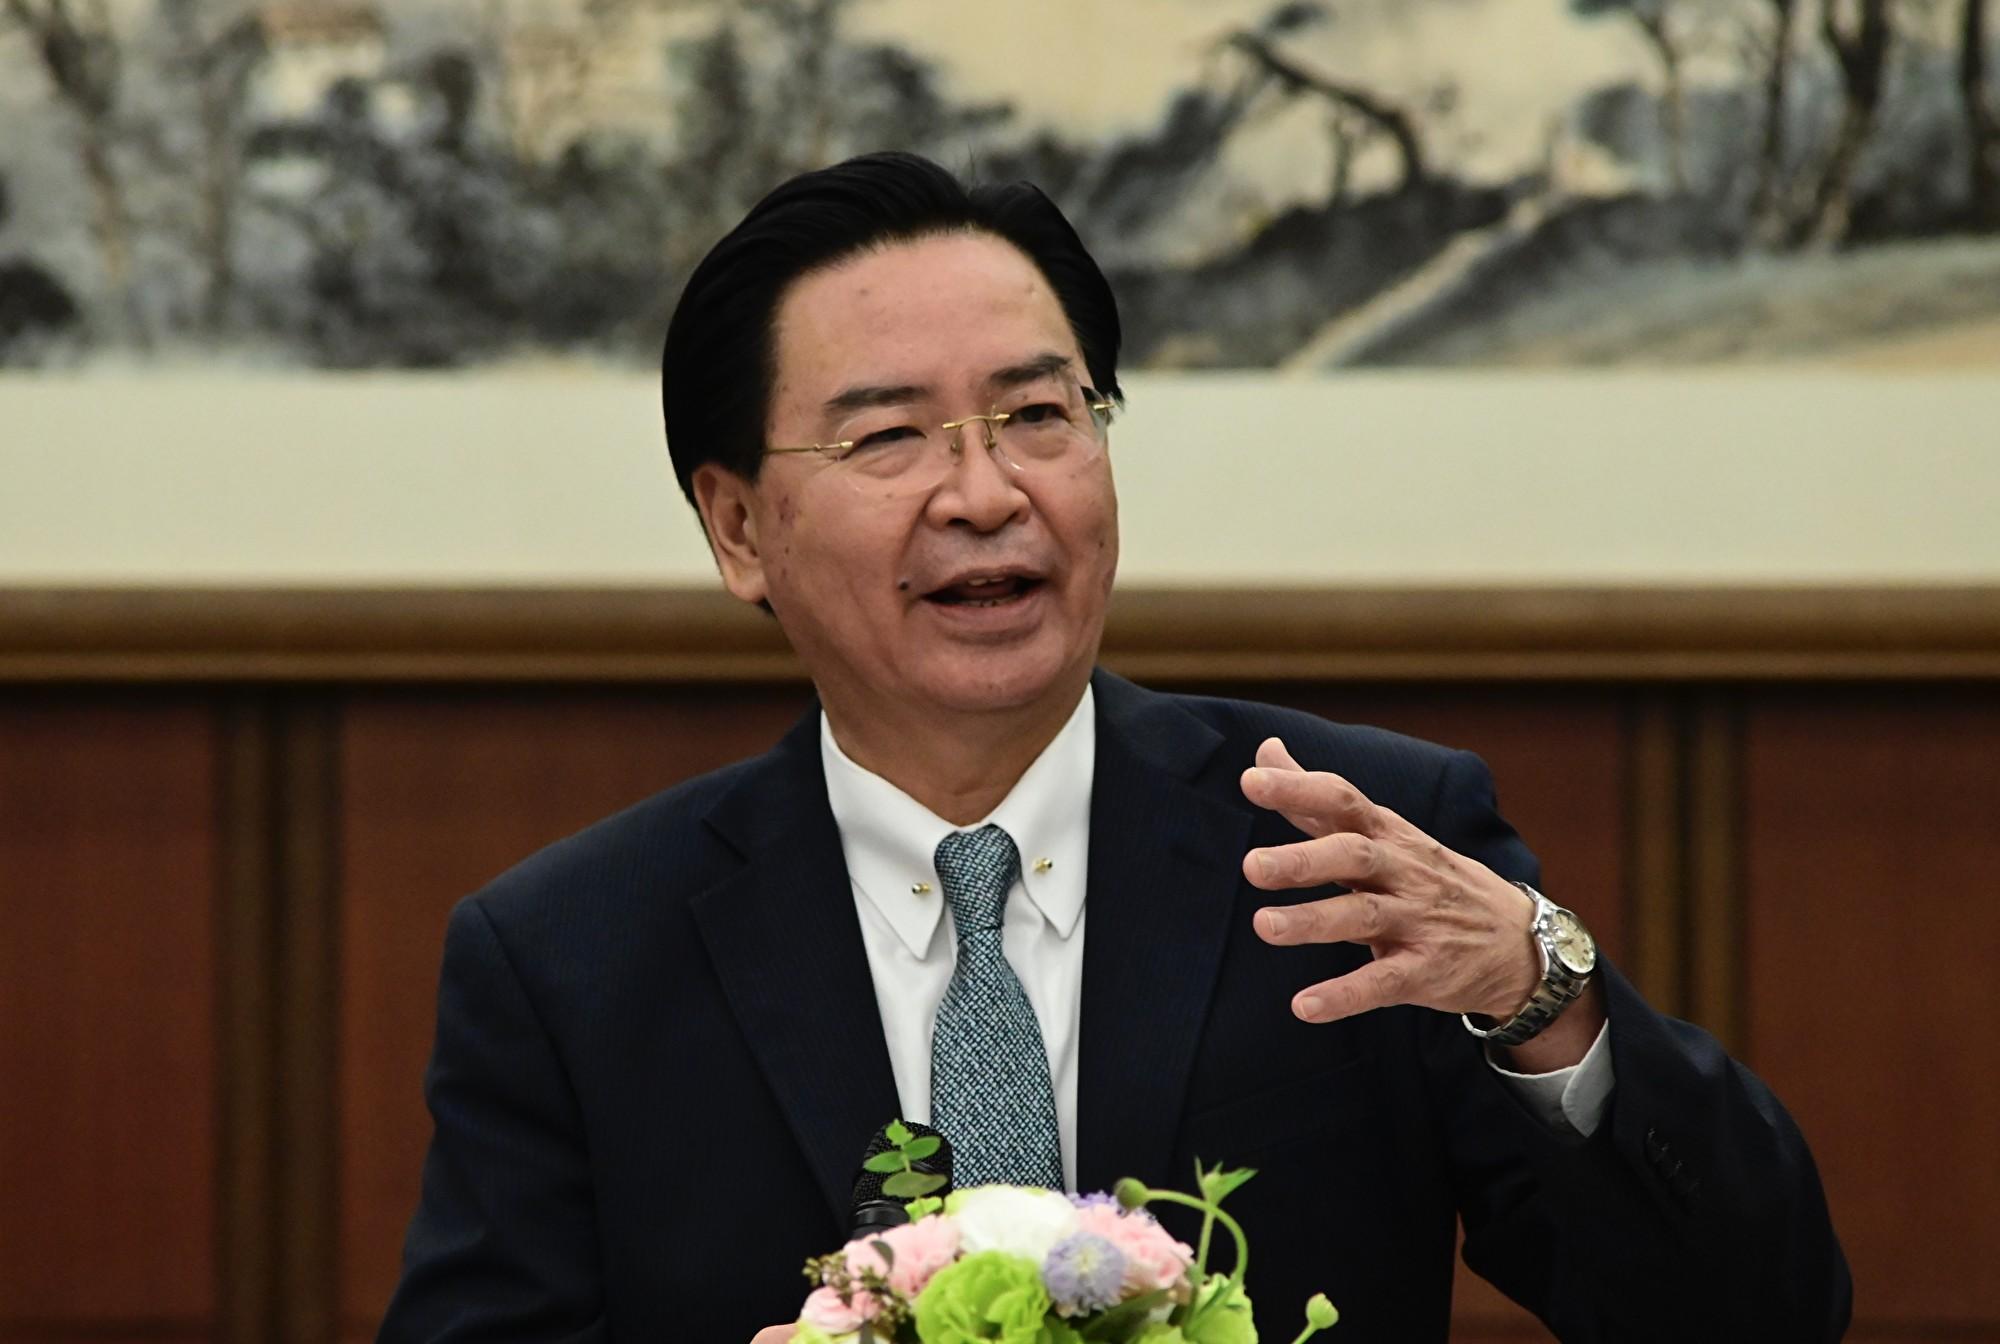 台外長:若中共武力介入香港 台灣願助港人